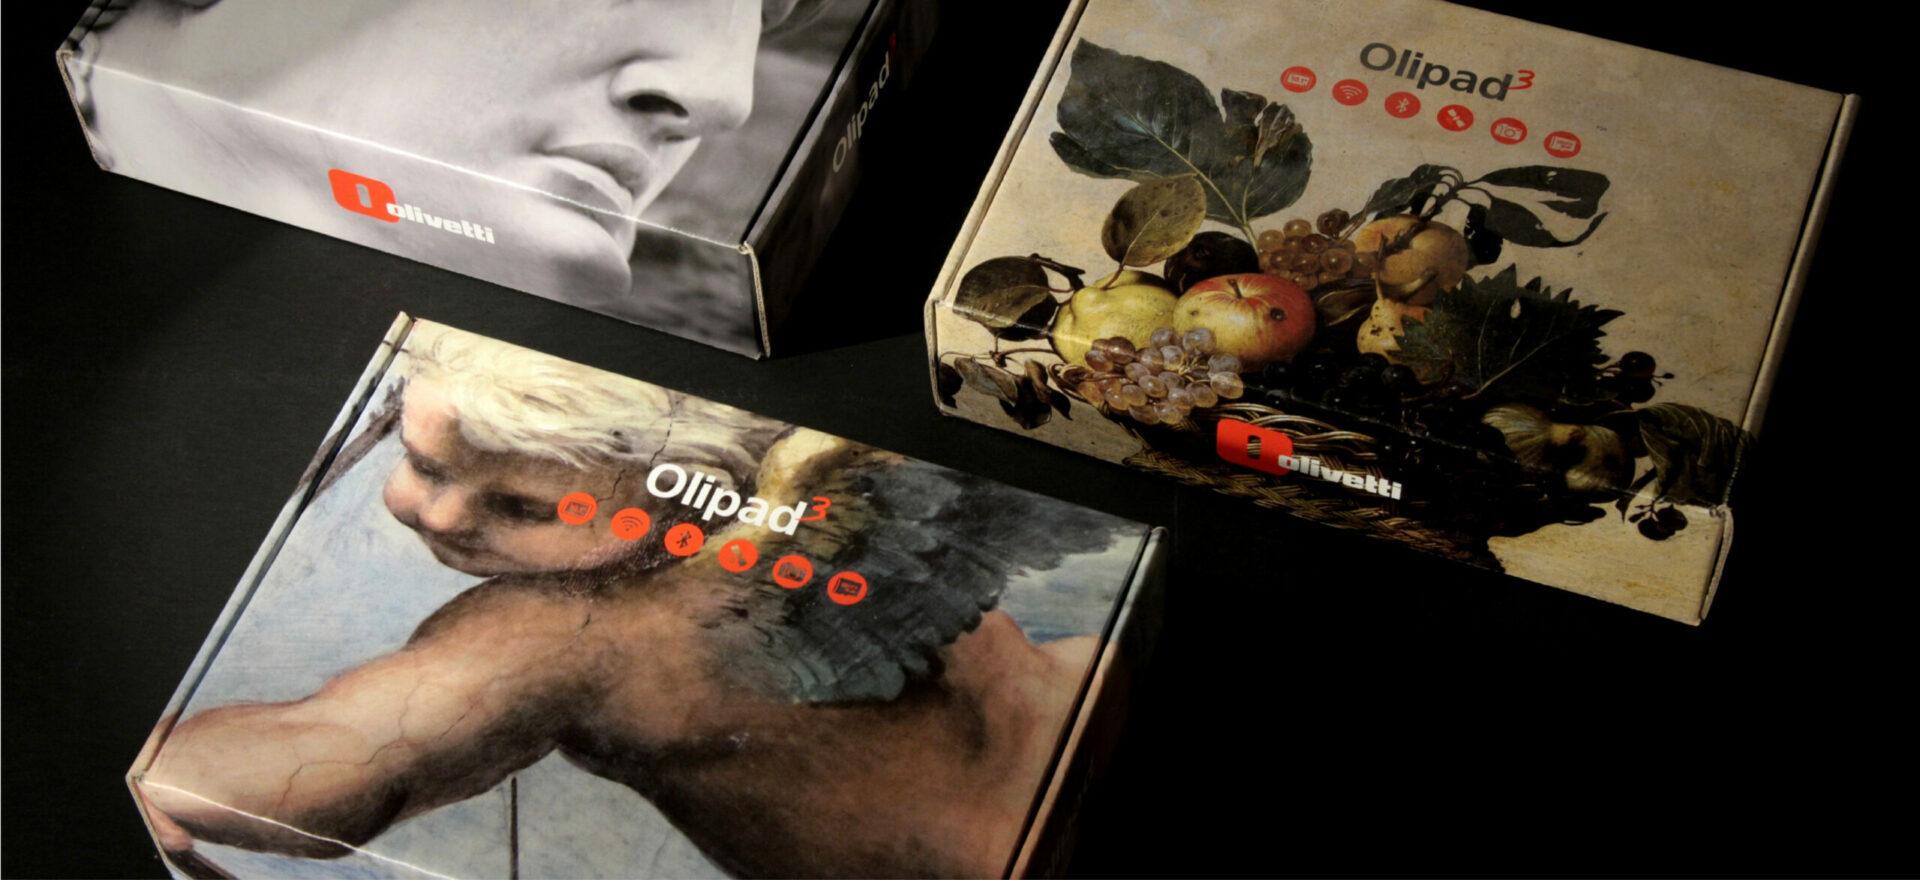 Olipad | Graphic Design | Branding | Packaging | Olivetti | Mario Trimarchi Design | Fragile